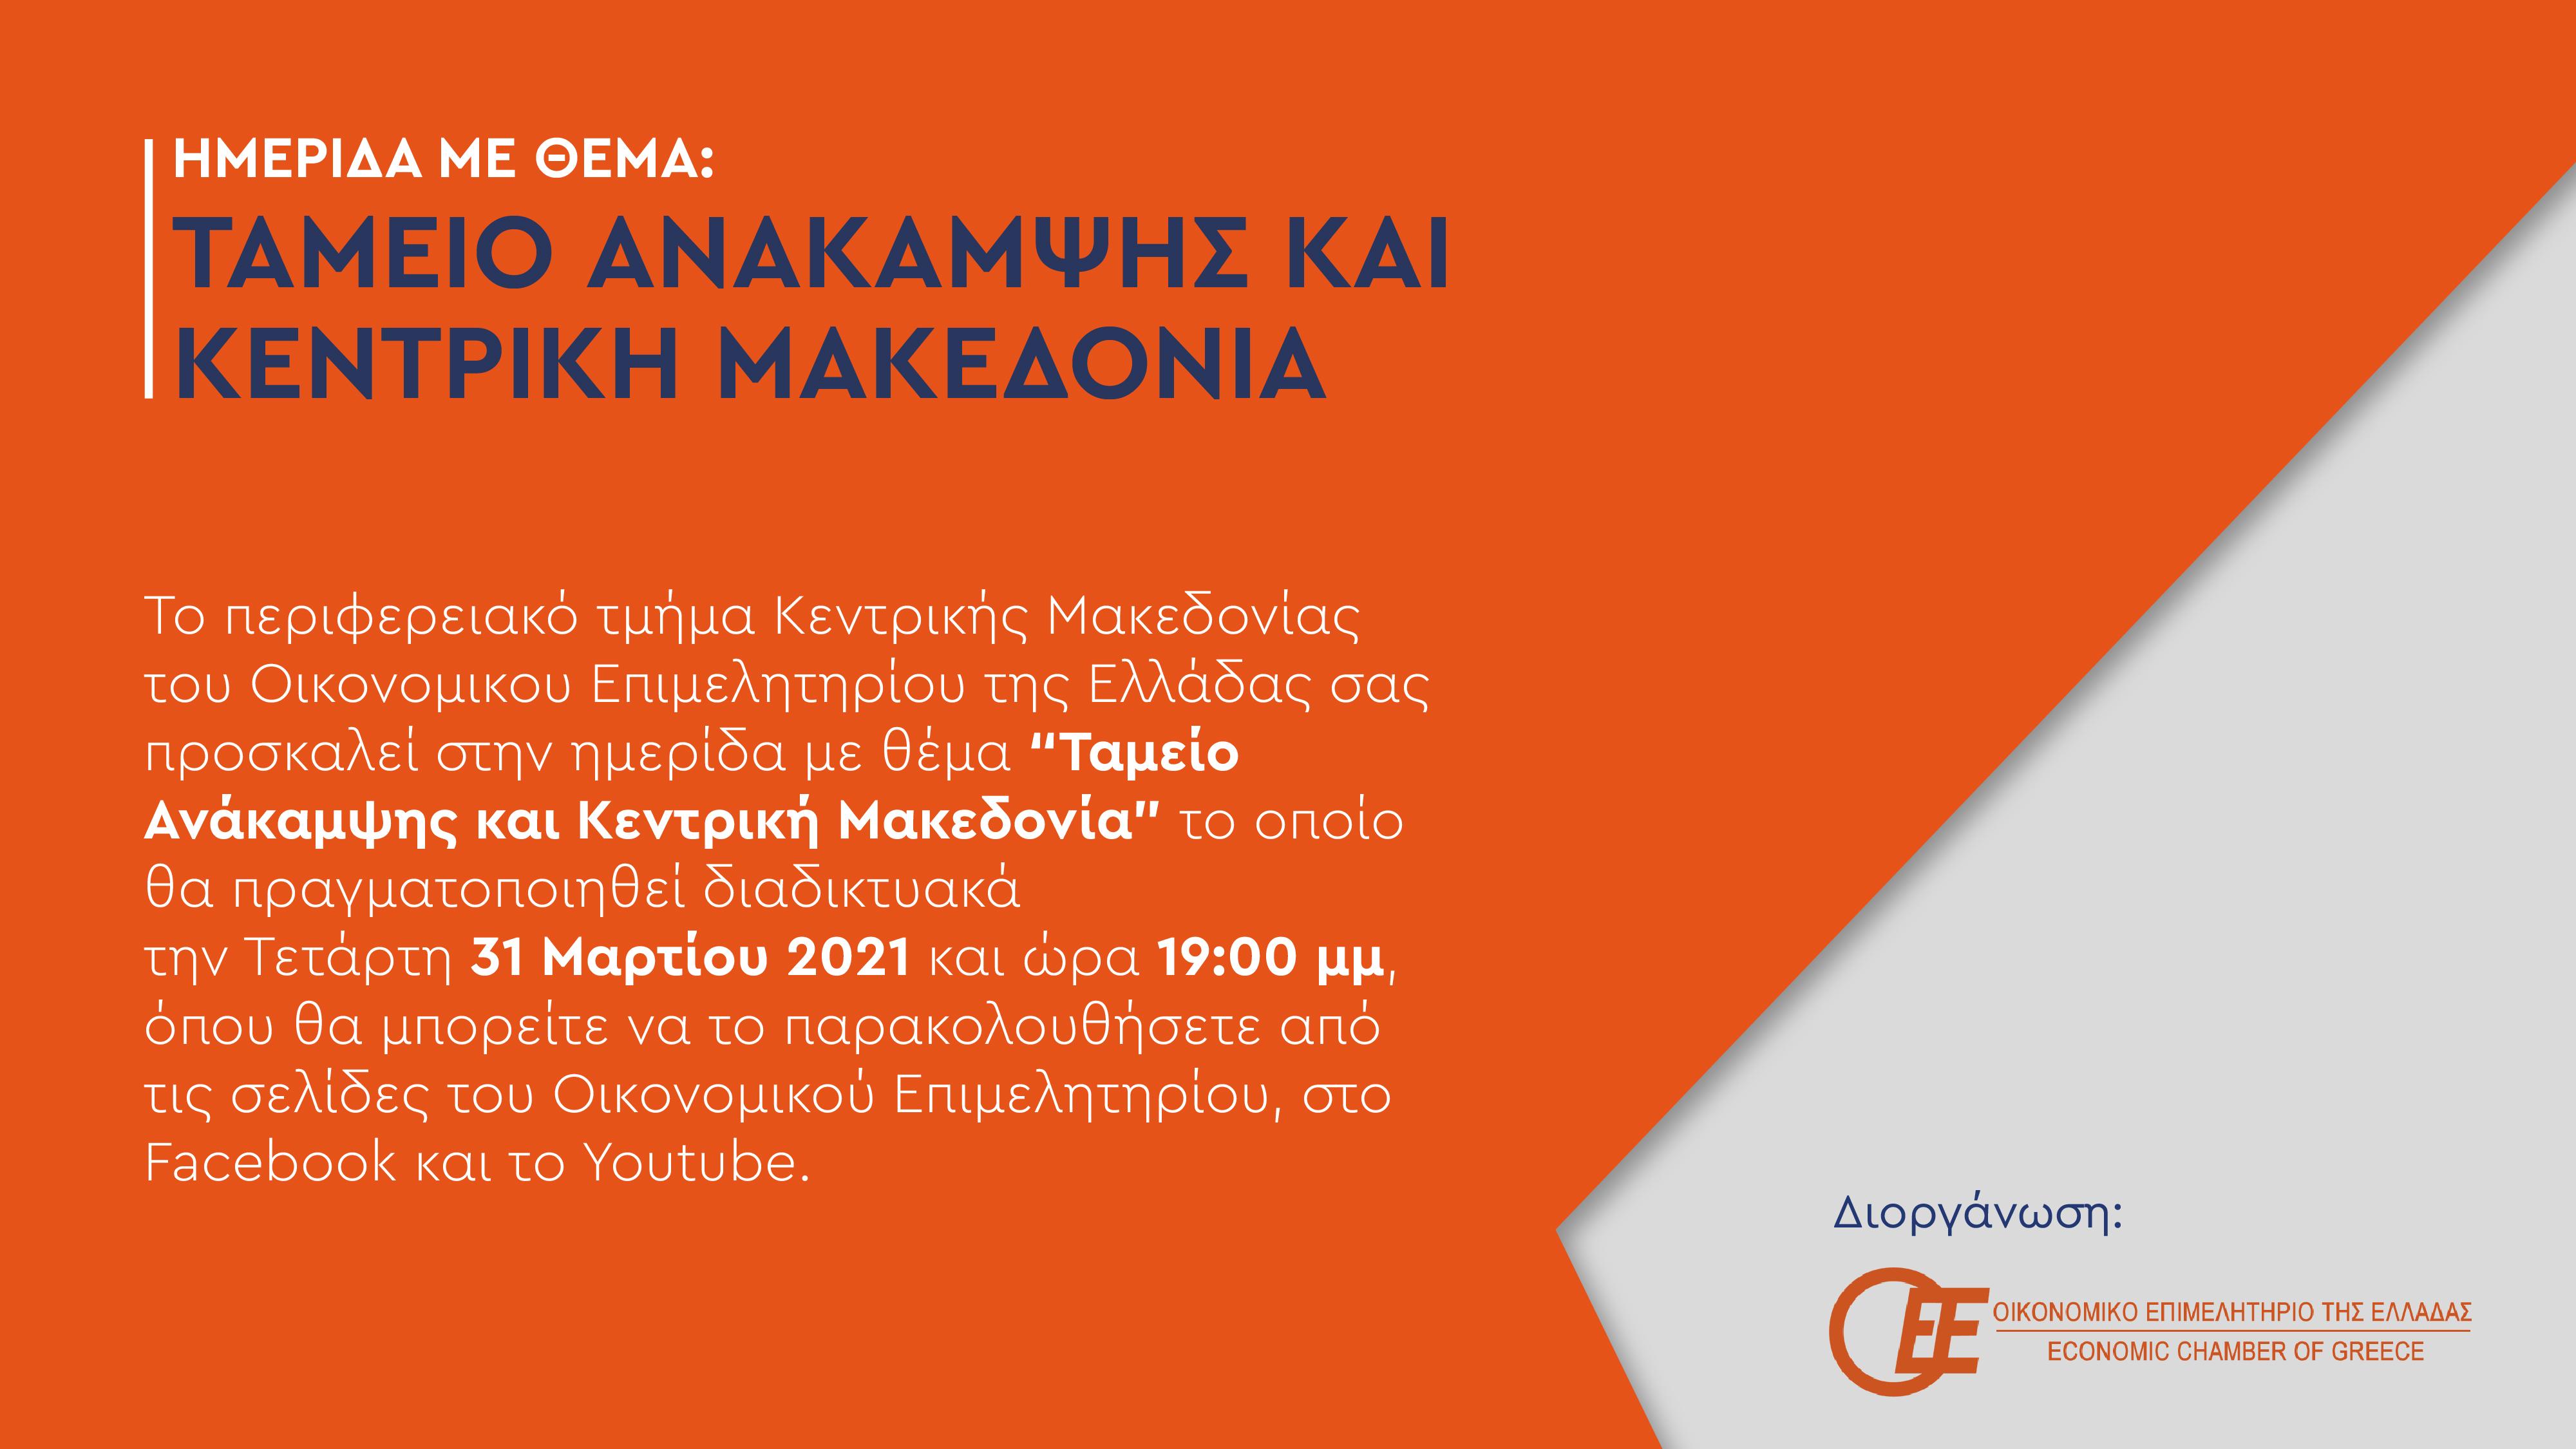 Διαδικτυακή Εκδήλωση από το 3o Π.Τ. Κεντρικής Μακεδονίας